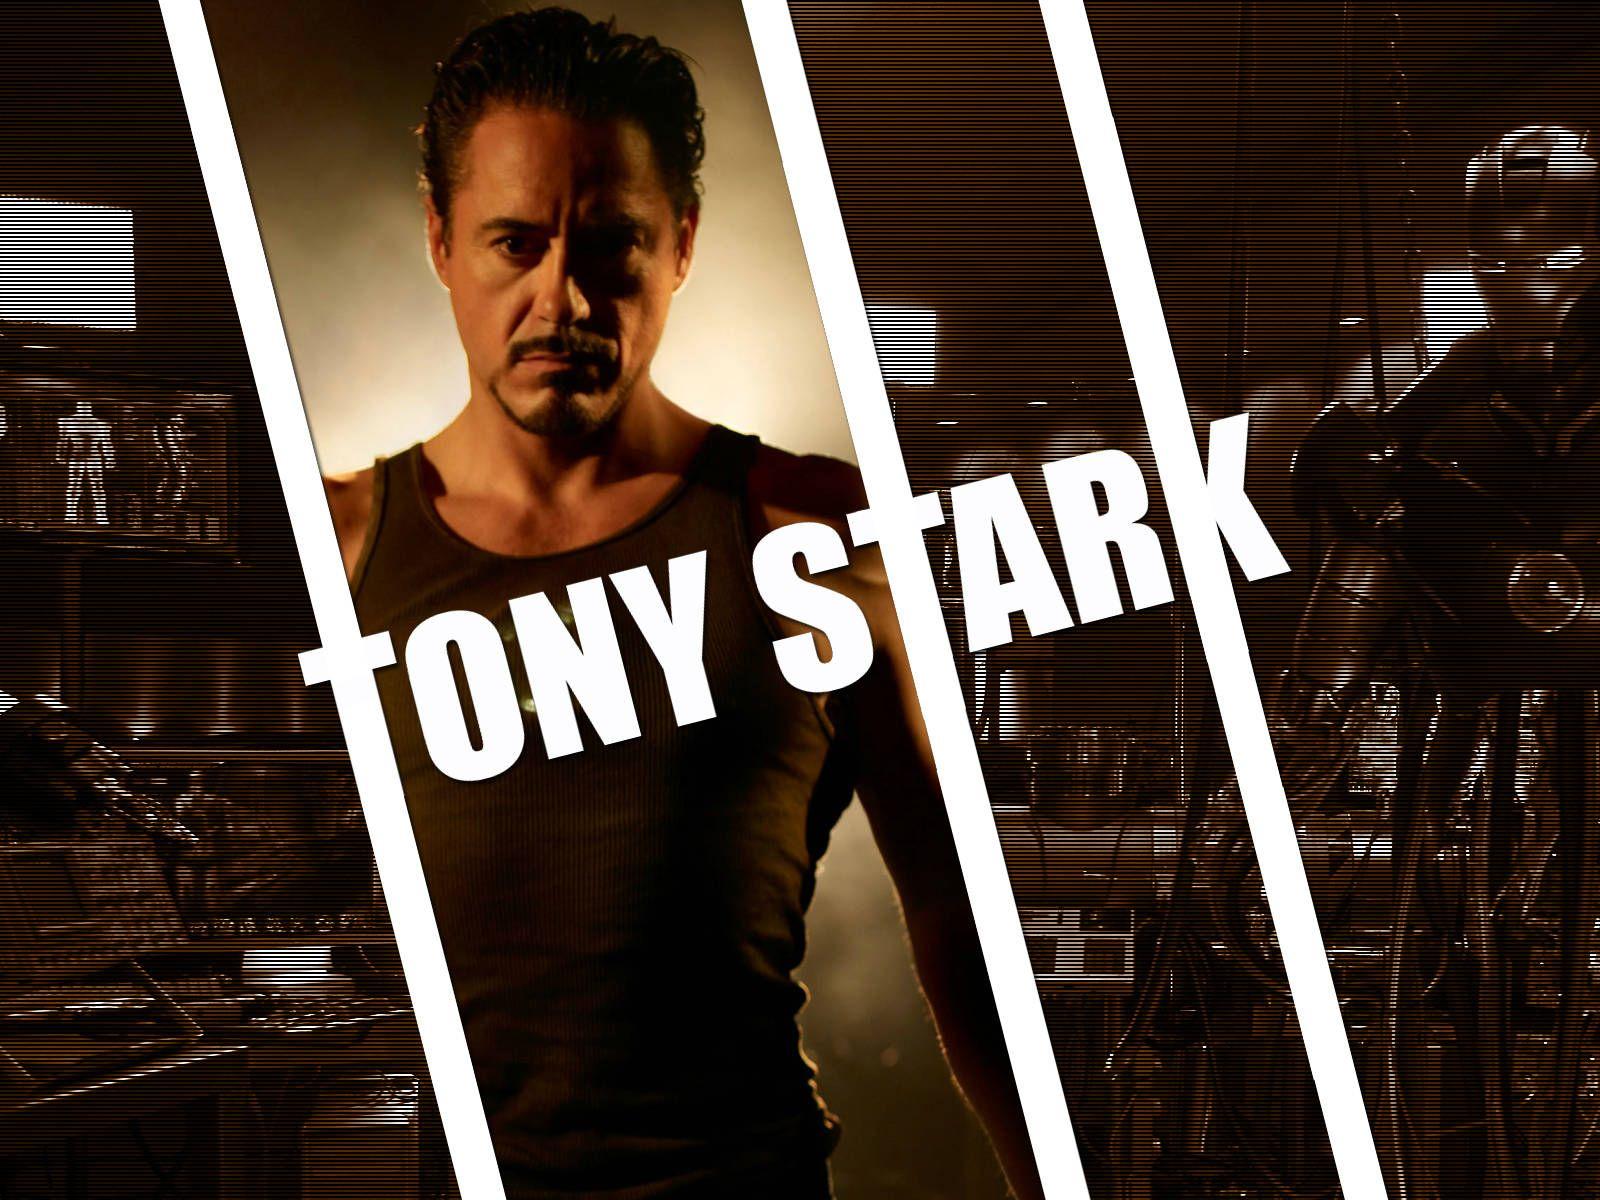 Tony Stark 4k Wallpaper: Tony Stark Wallpaper Iron Man Movies (106 Wallpapers